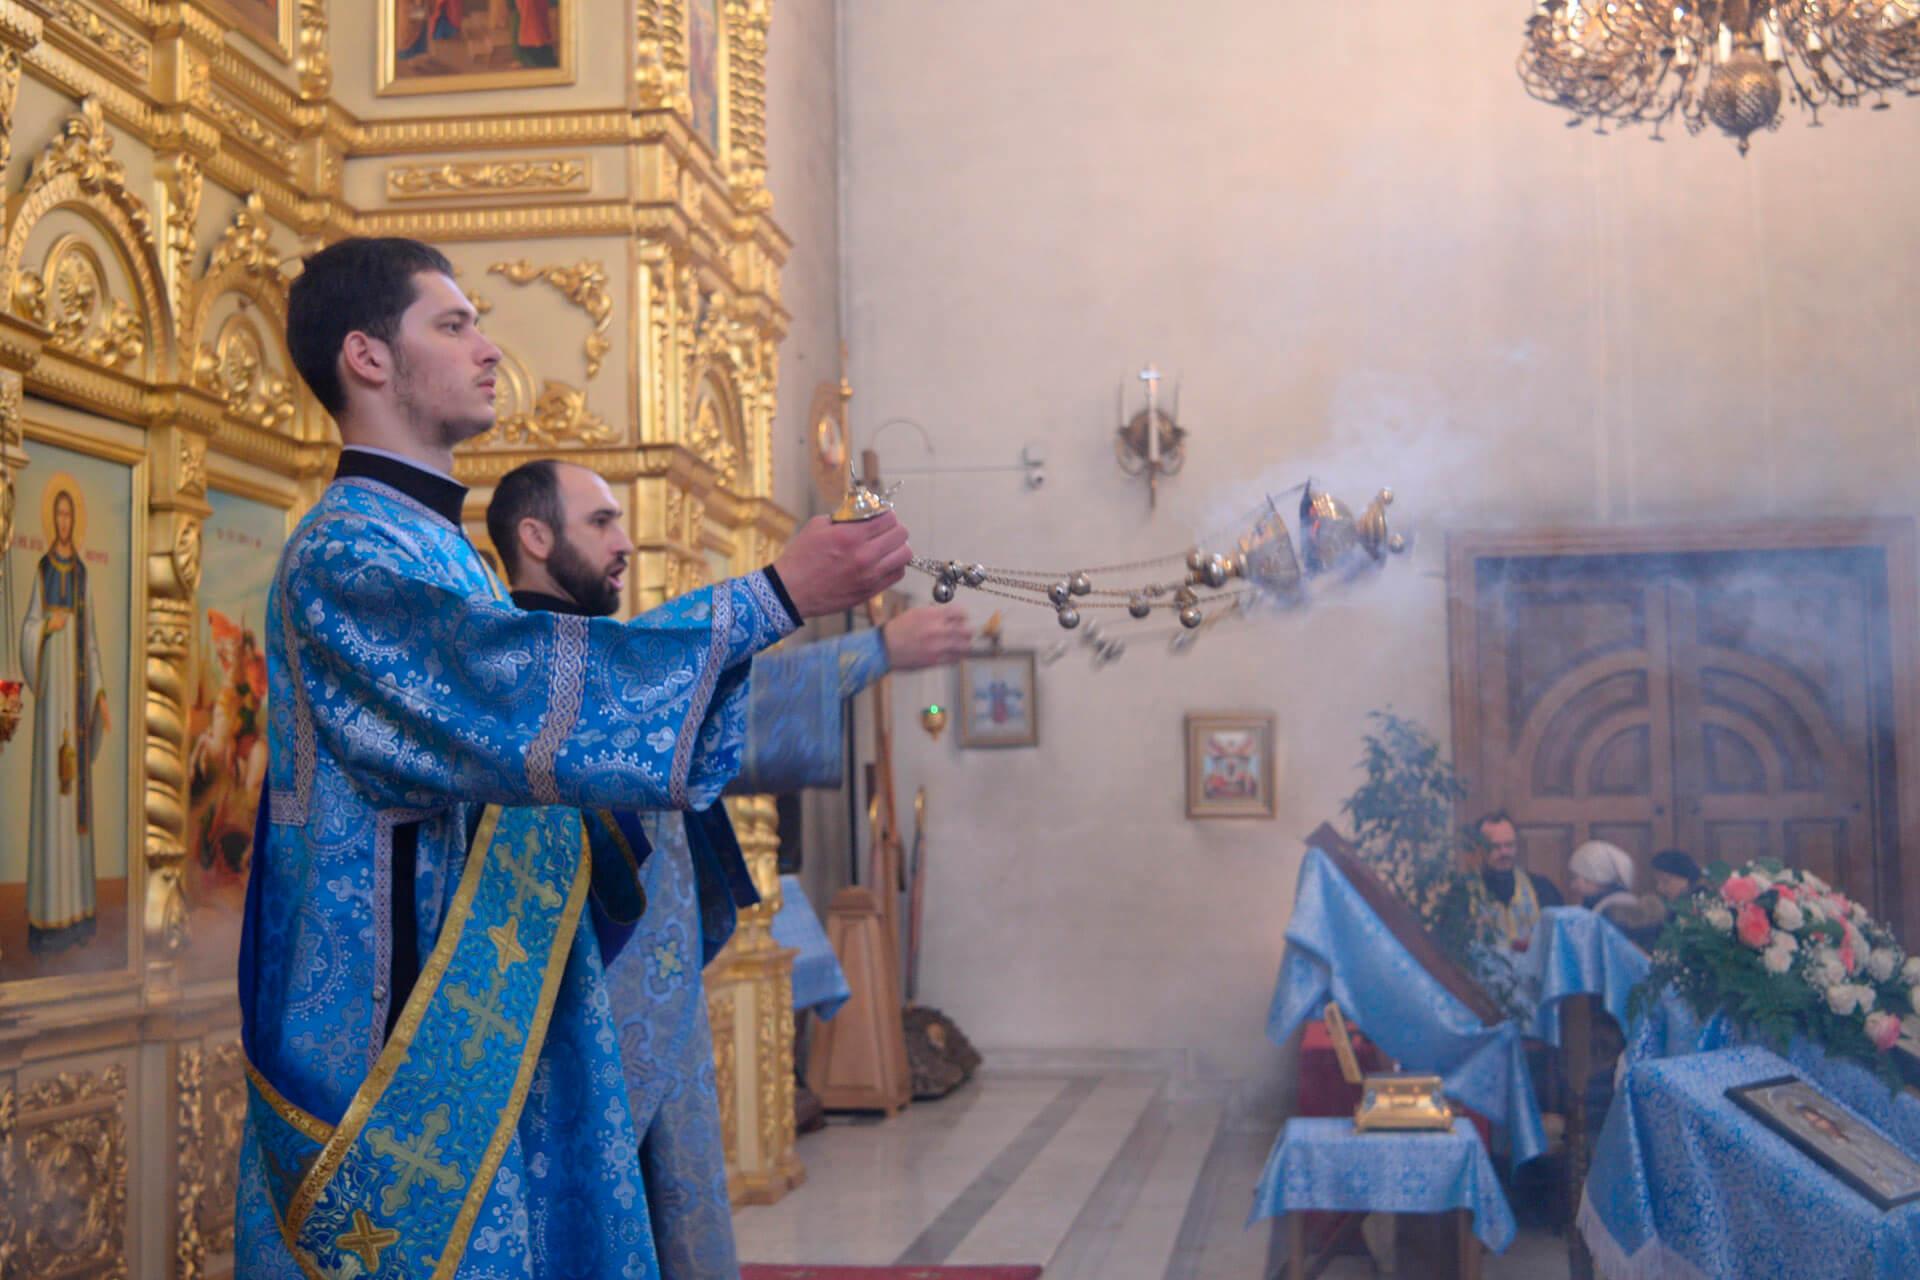 15 марта праздник Photo: Архиерейское богослужение в праздник Сретения 15 февраля